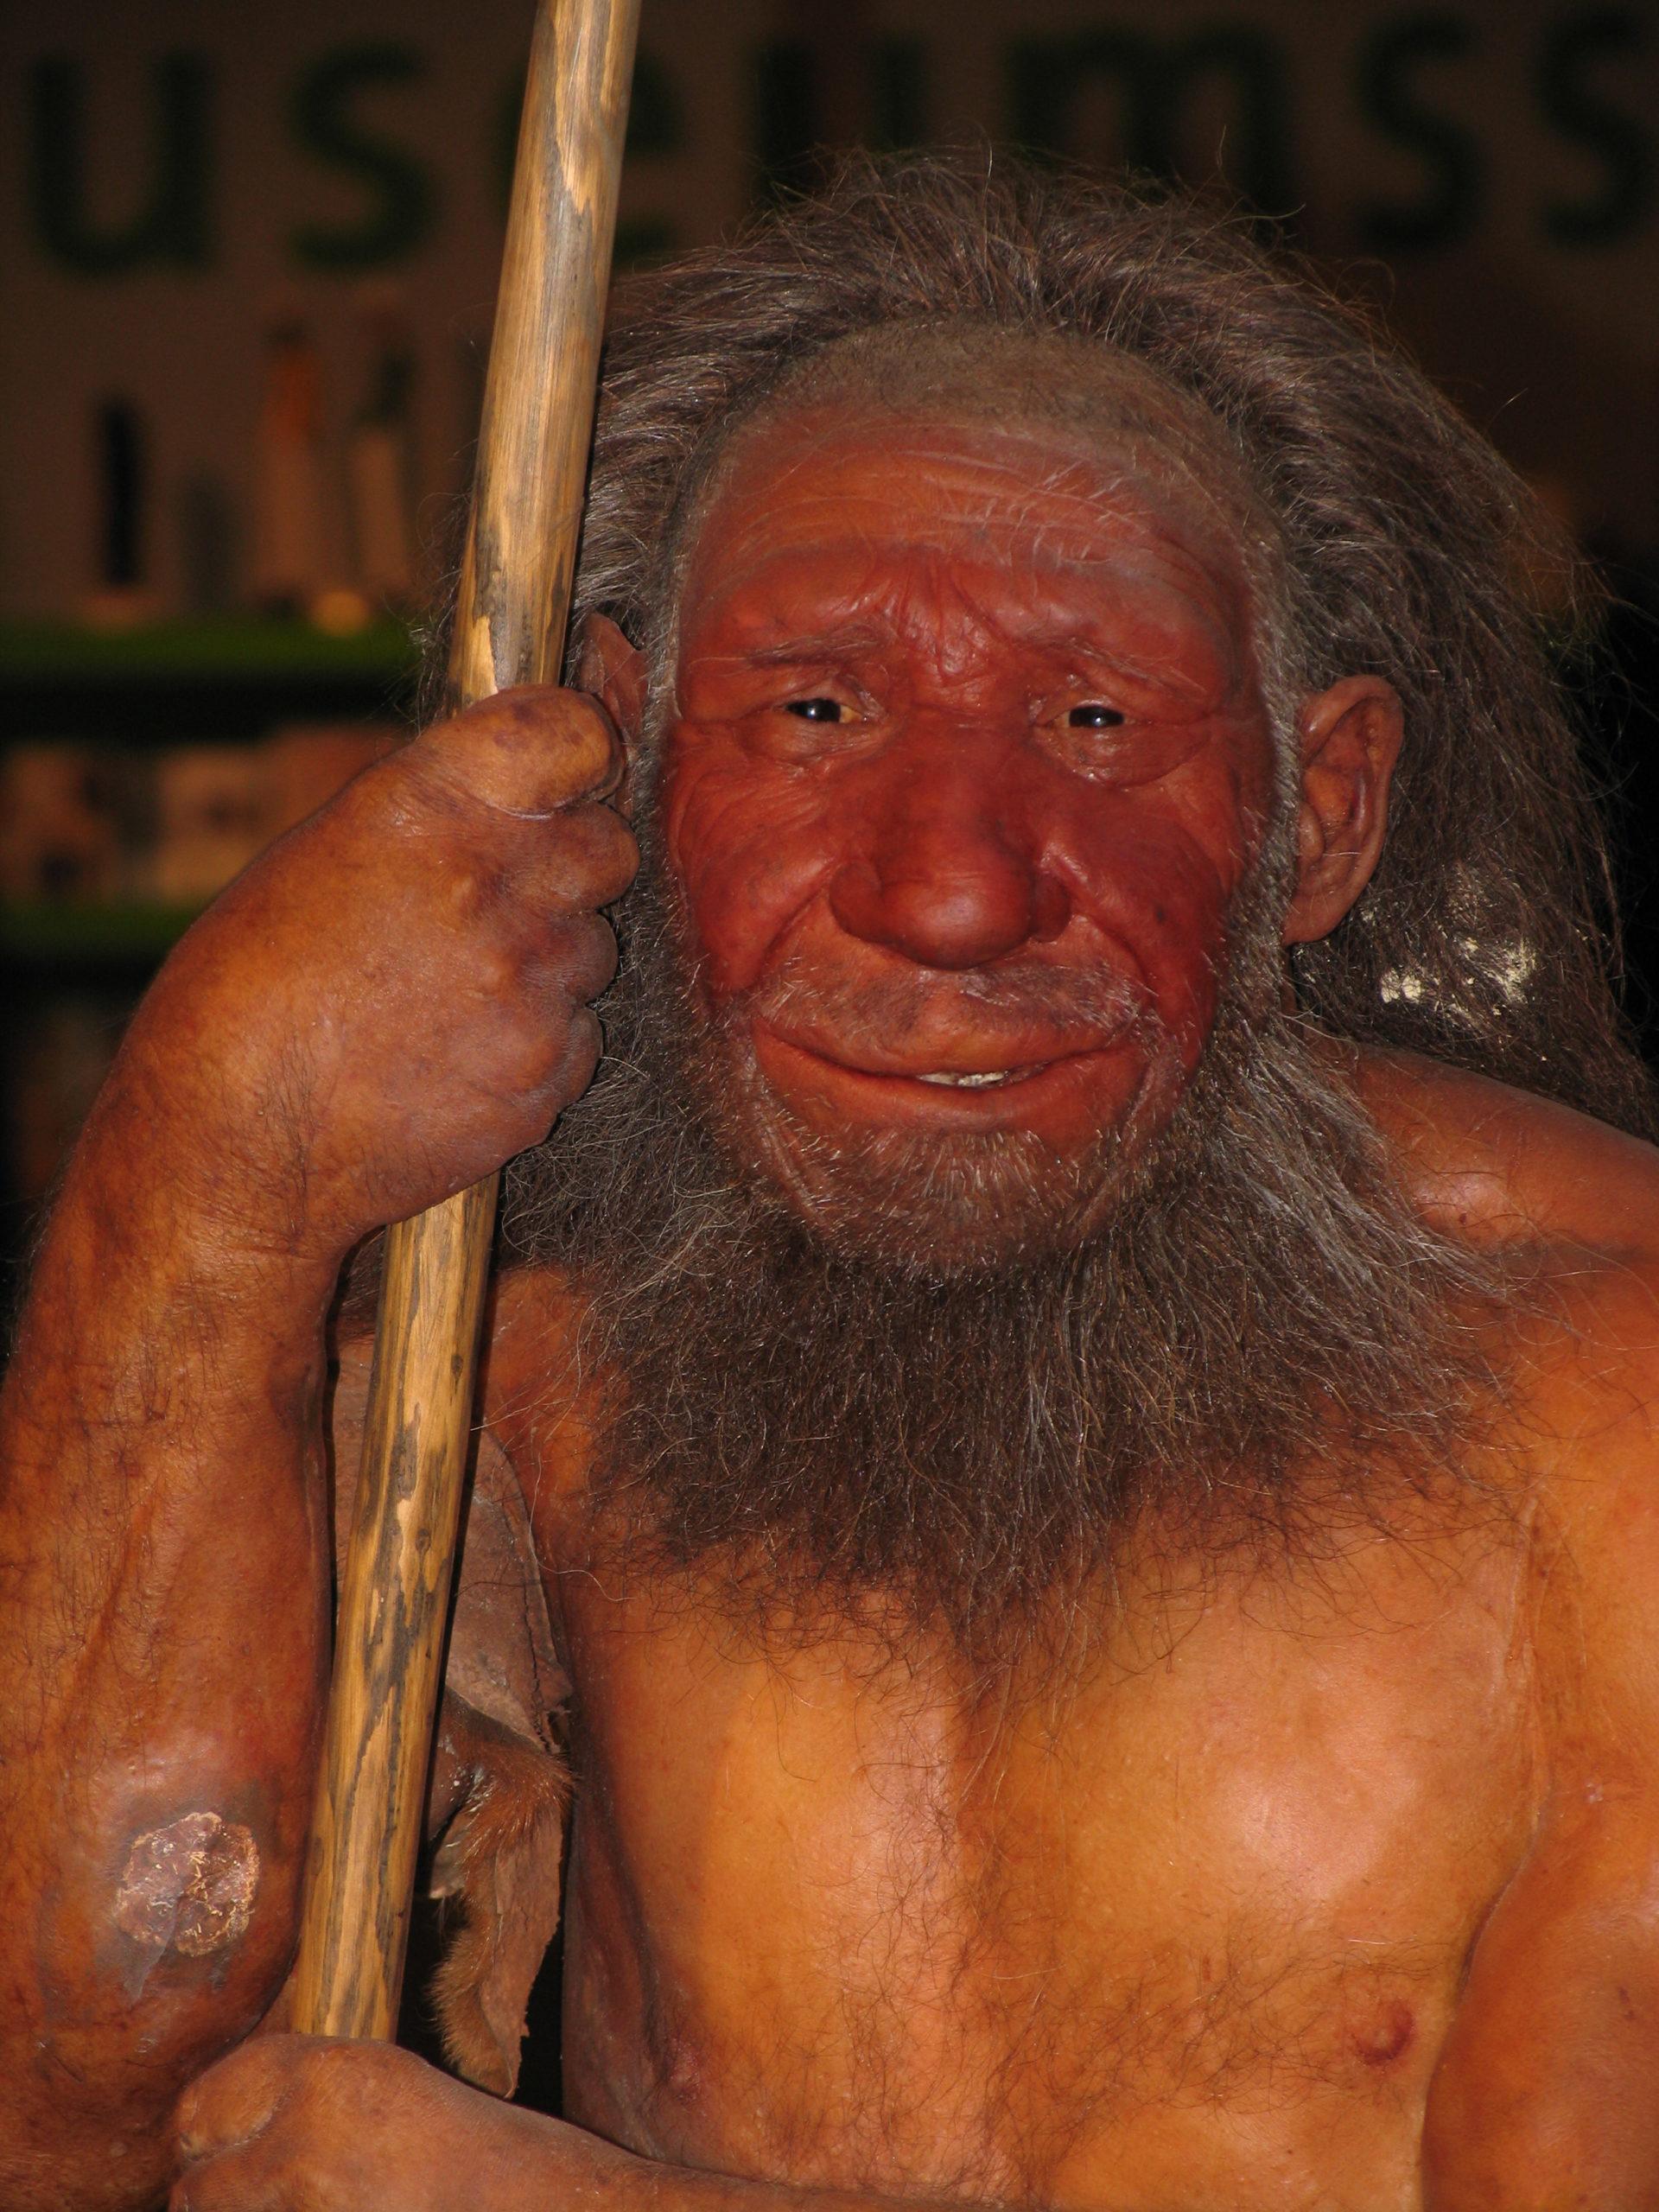 Možná podoba neandertálca